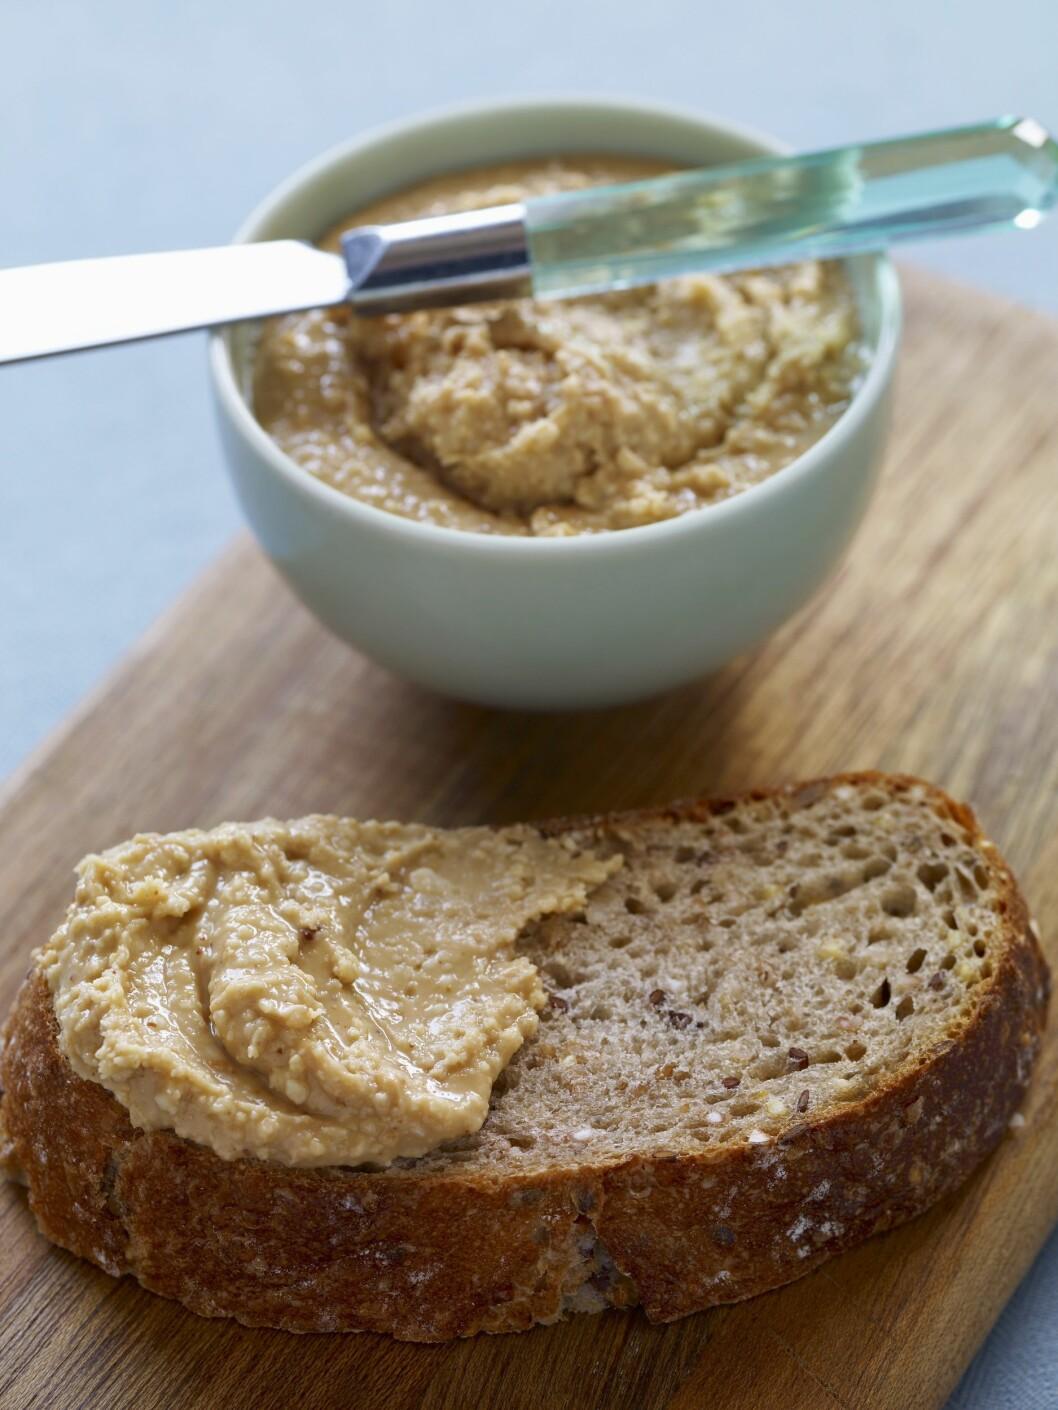 NØTTESMØR: Nøttesmør kan brukes på brødskiva, i desserter, eller som dipp til epler.  Foto: Scanpix